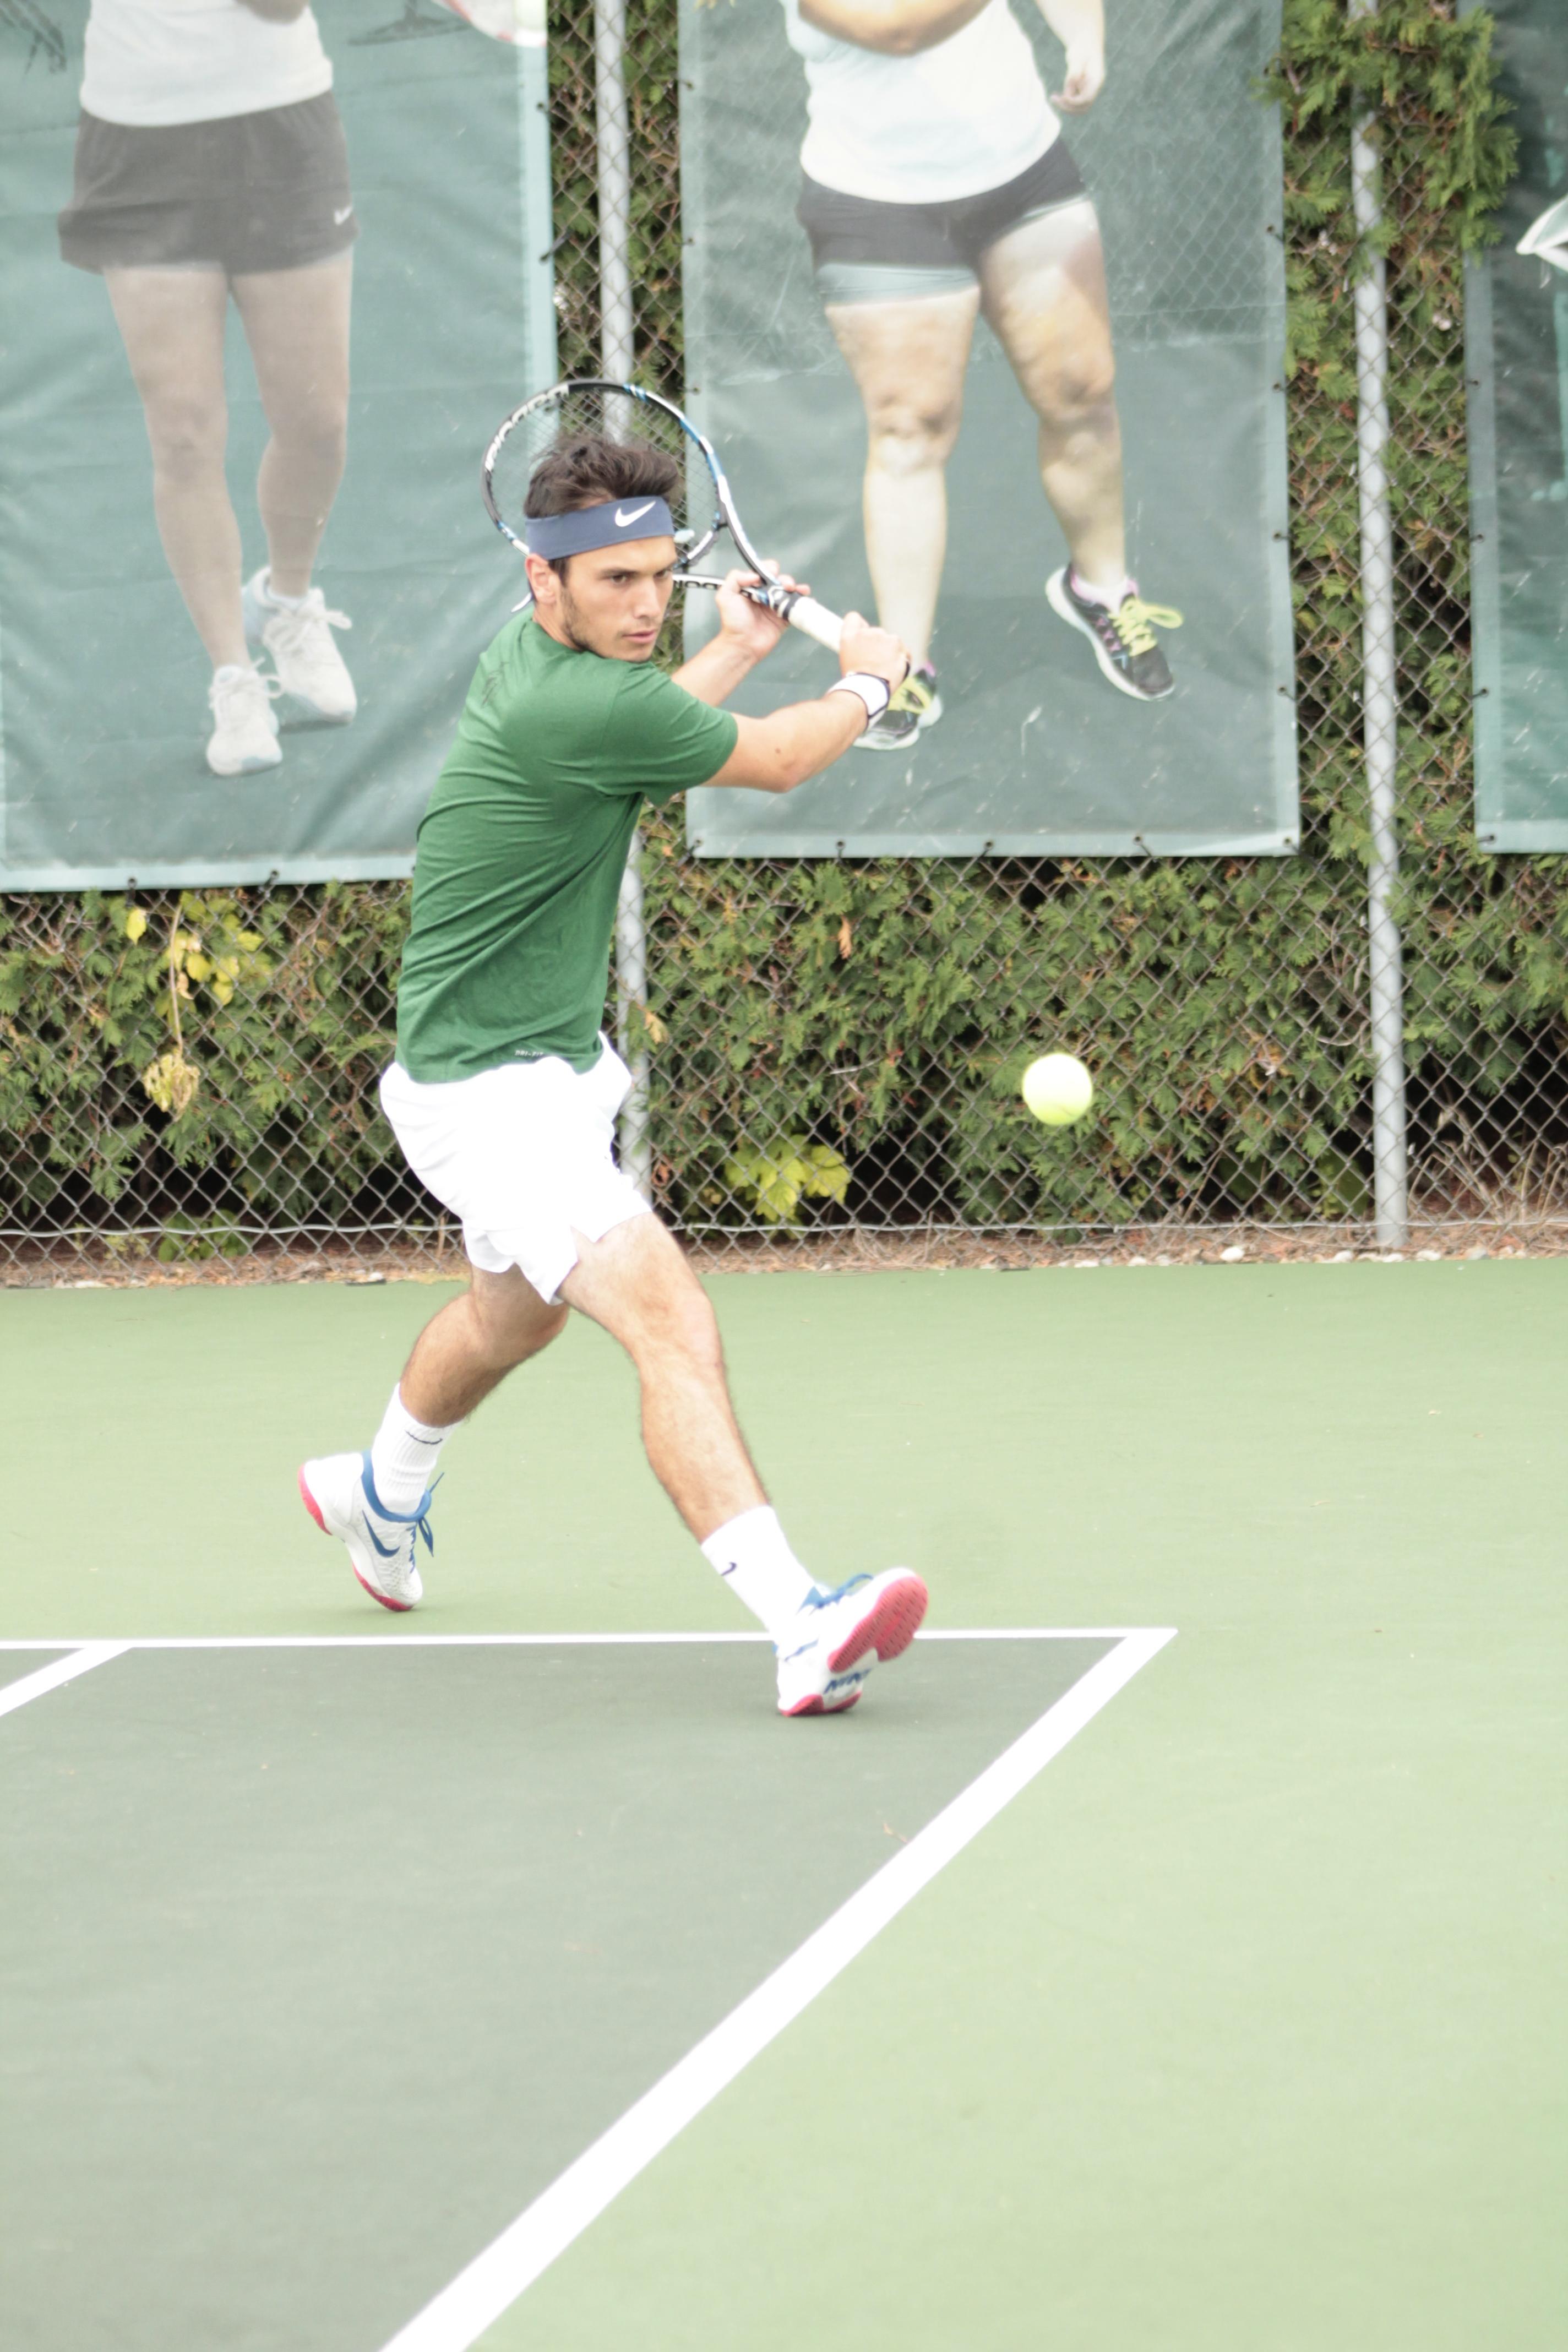 Mens tennis